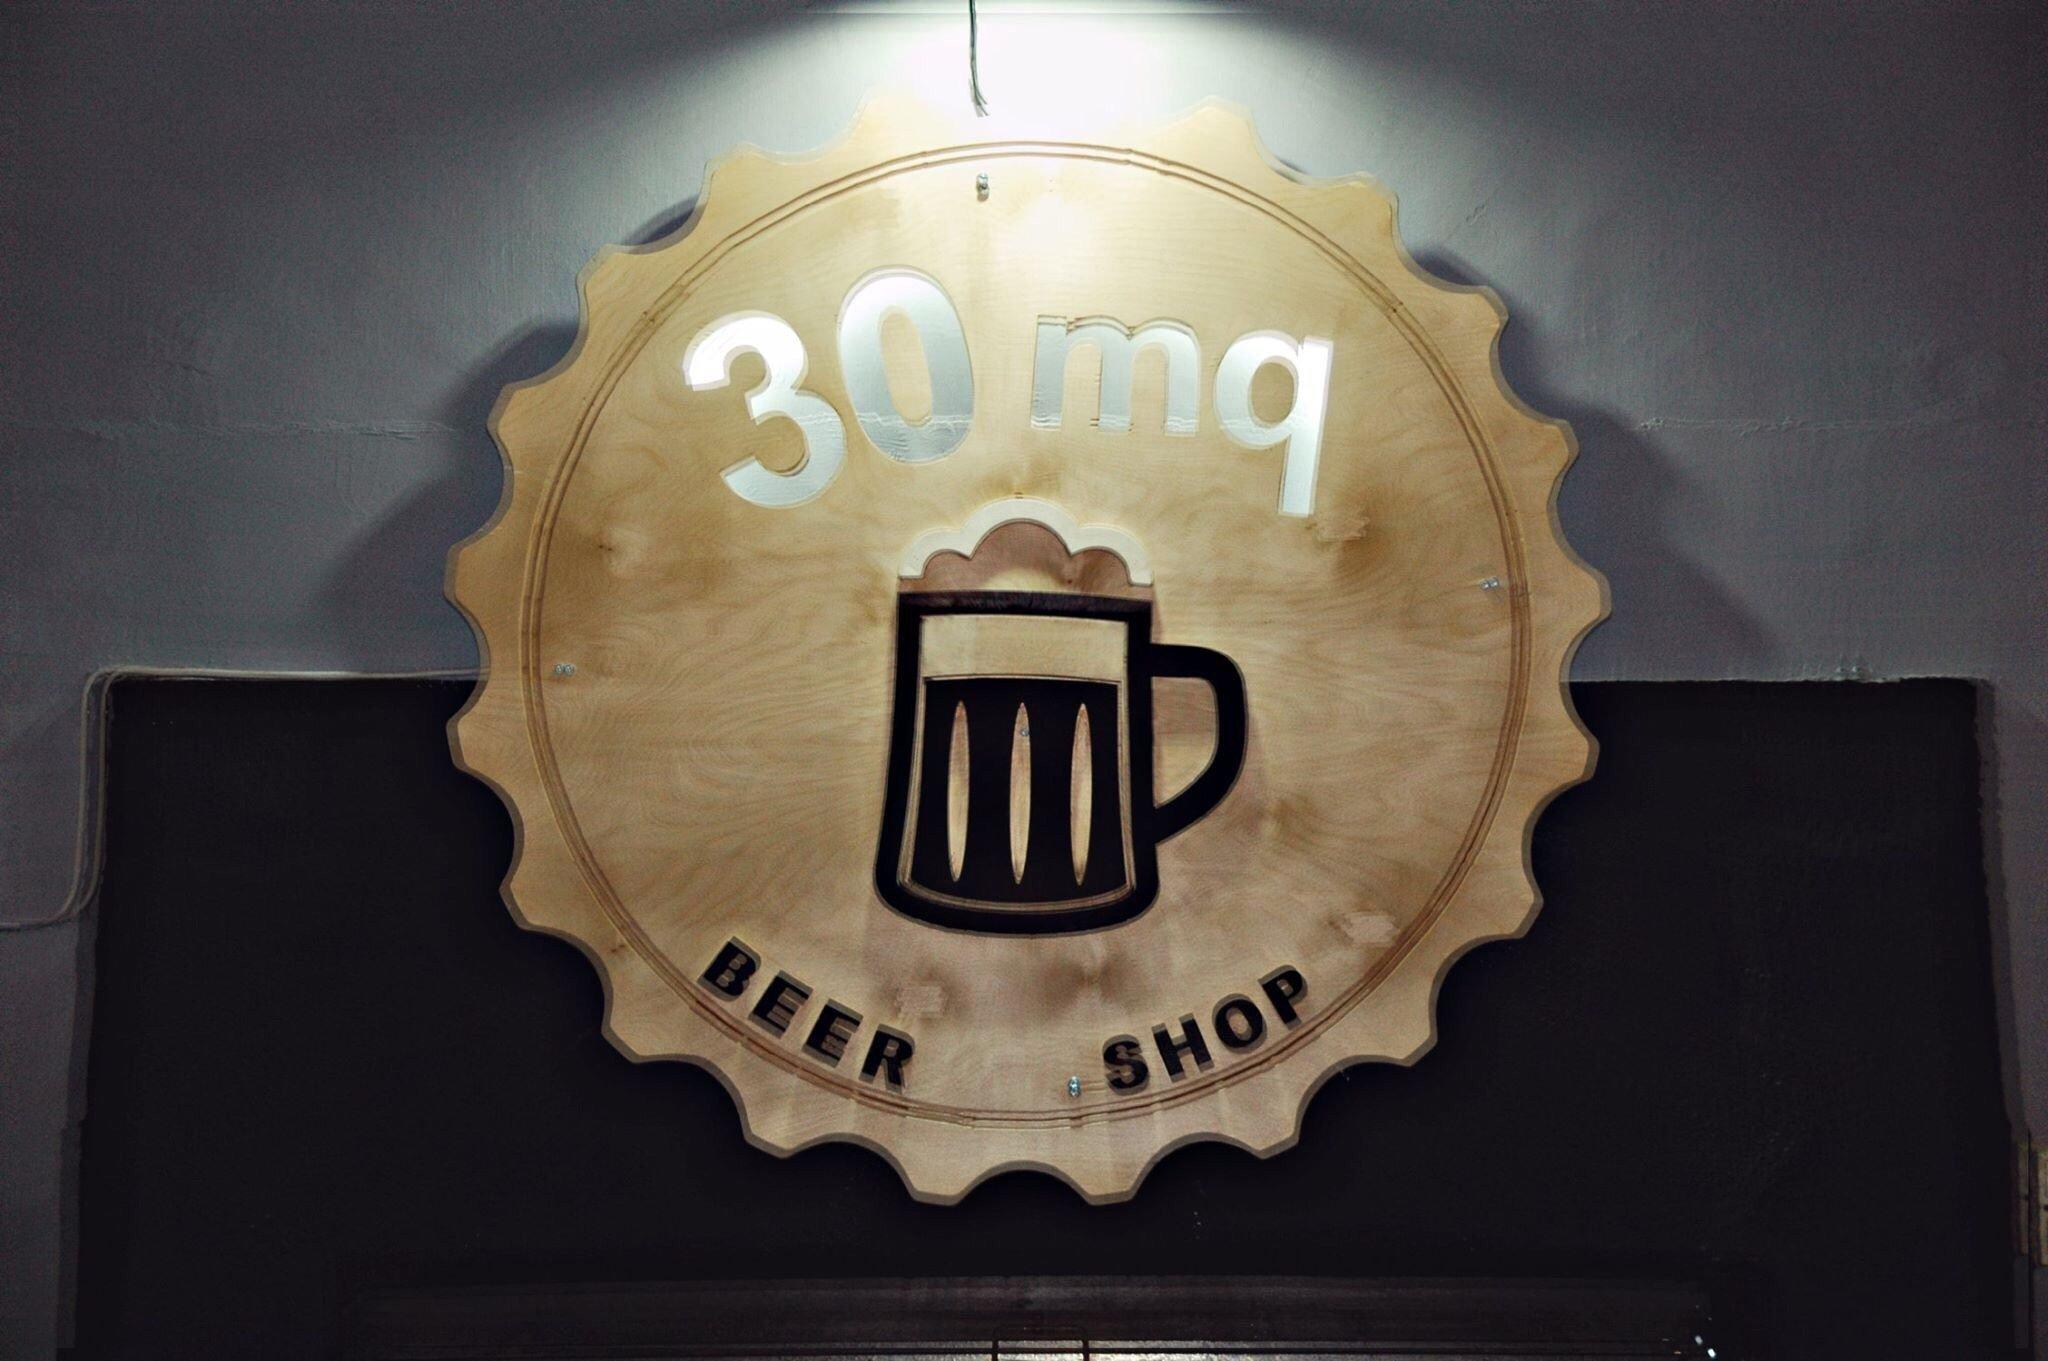 30 Mq - Beer Shop